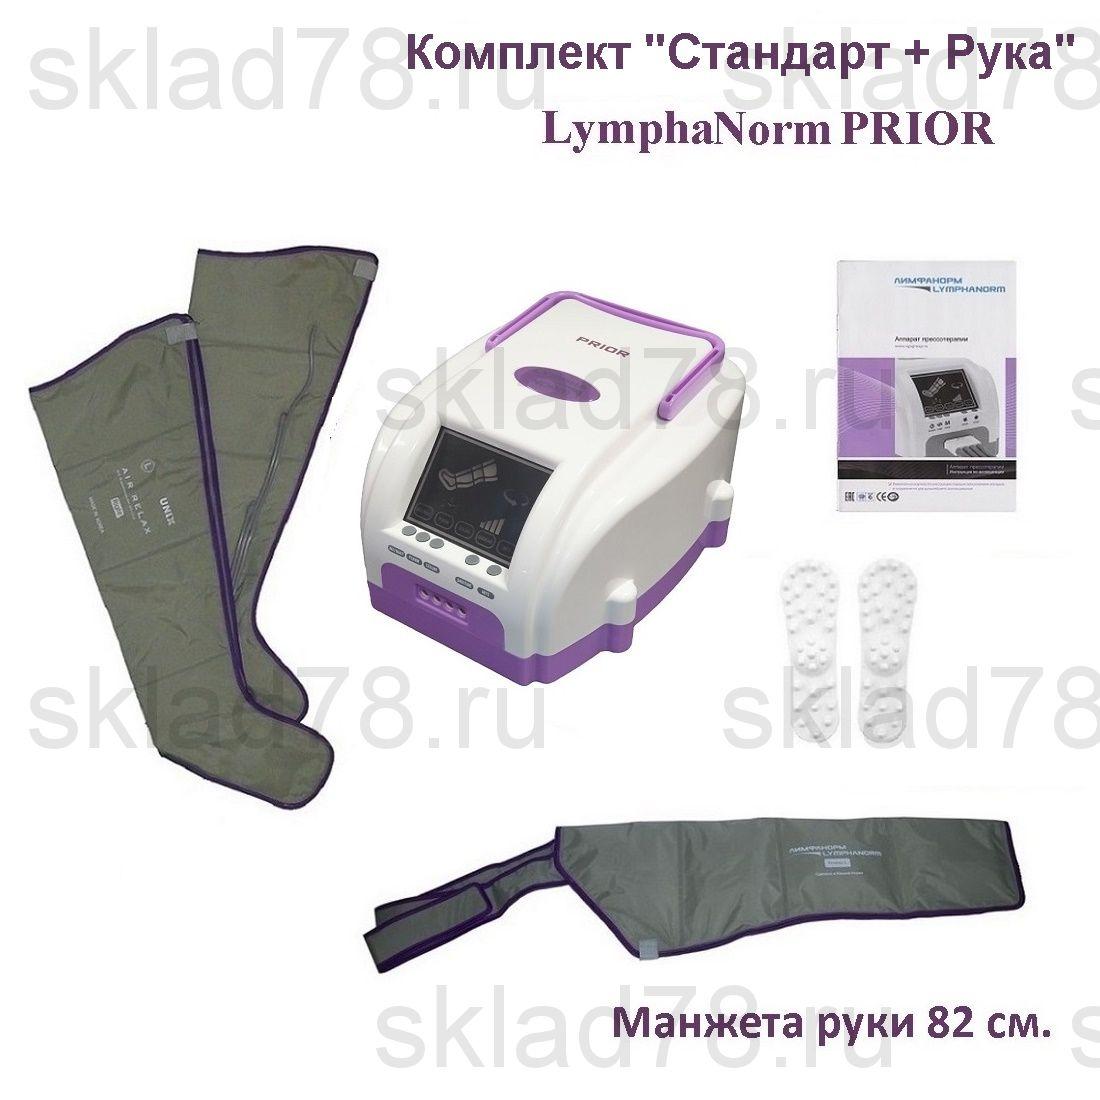 LymphaNorm PRIOR Прессотерапия «Стандарт + Рука» (82 см.)